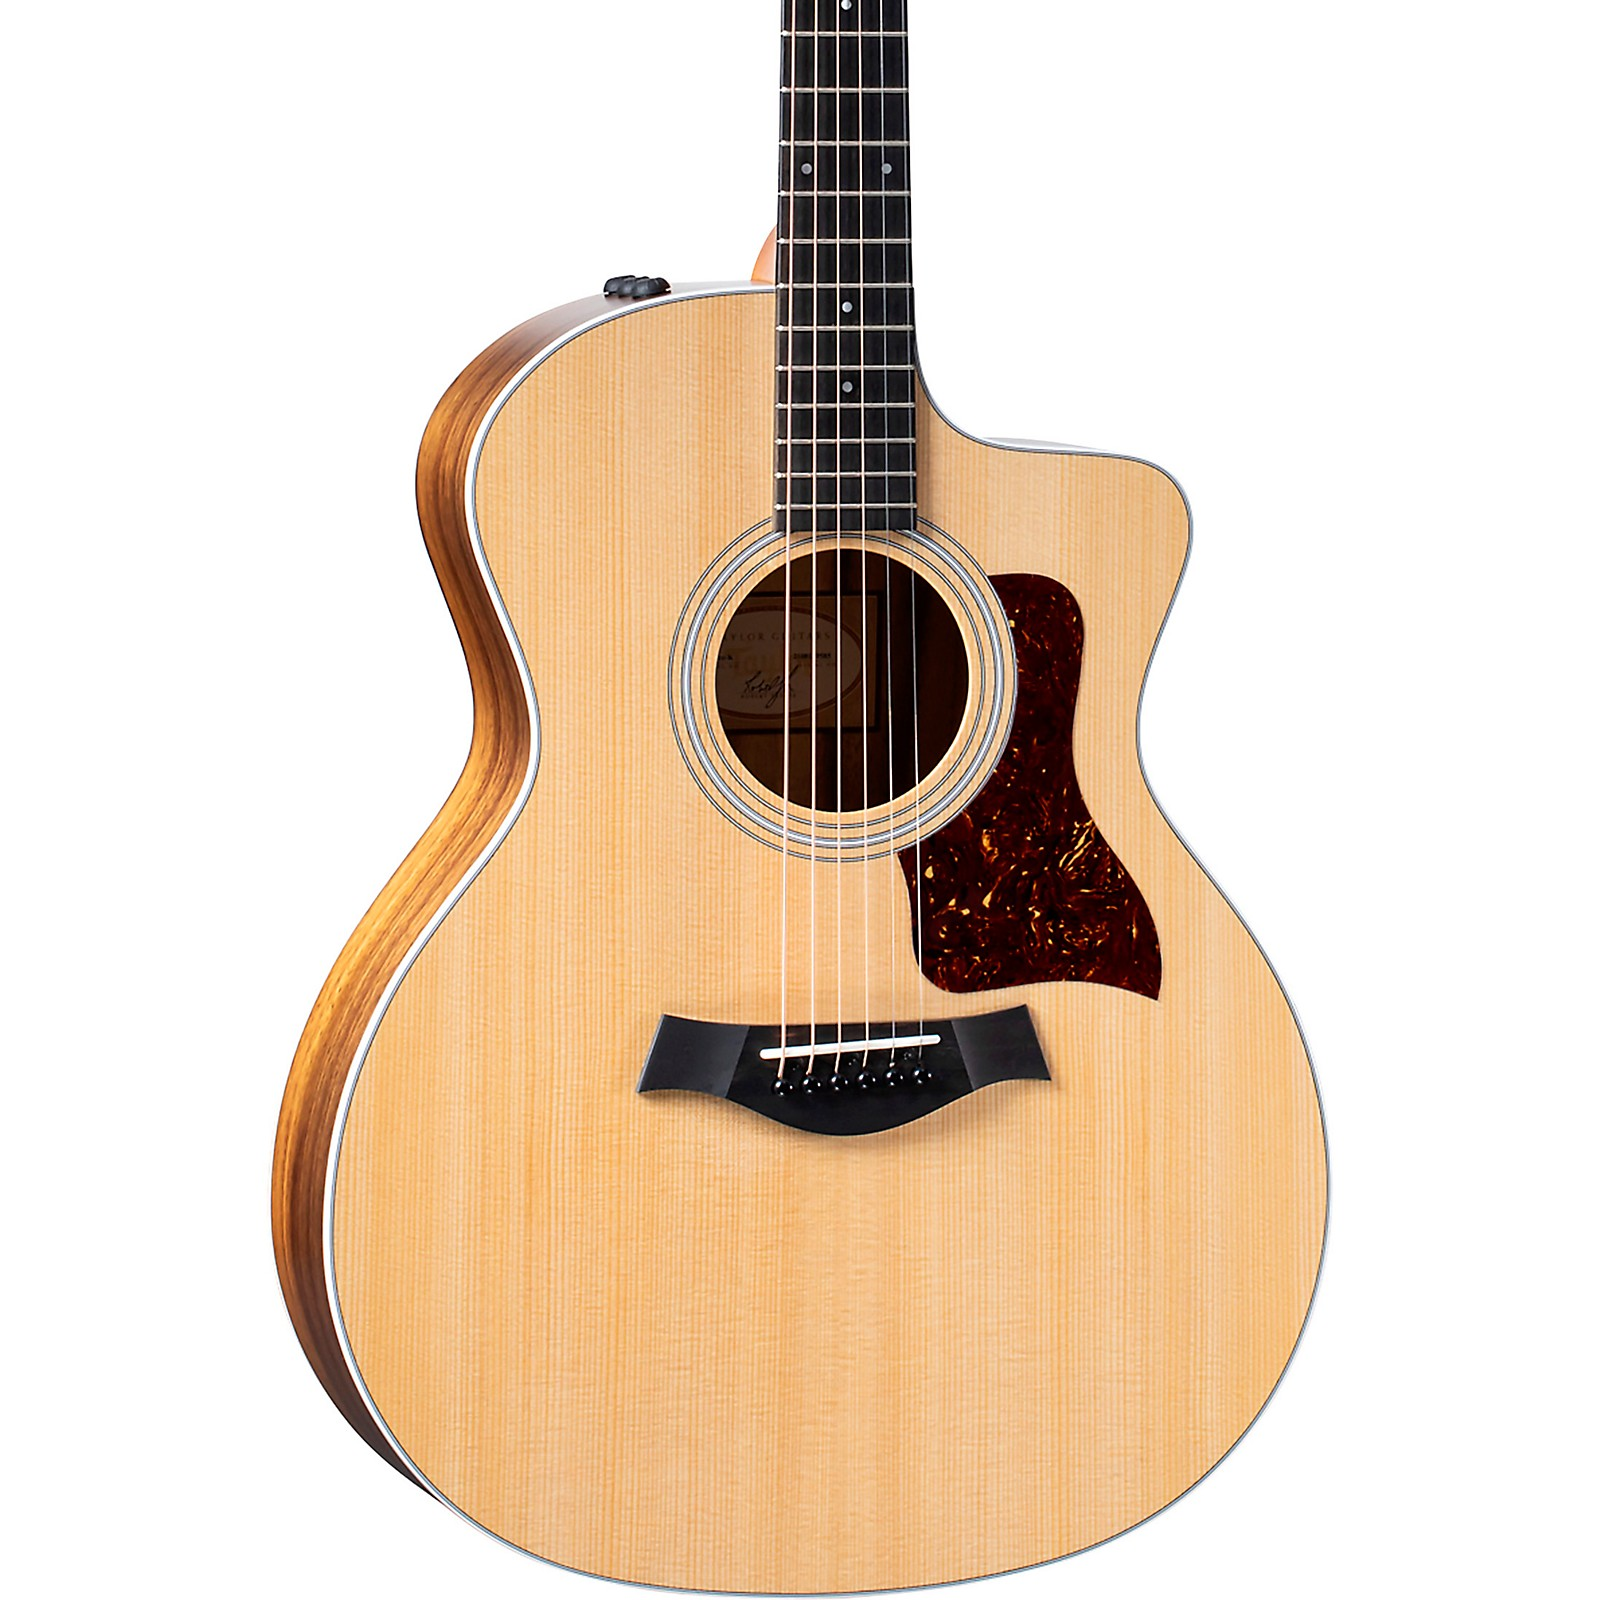 Taylor 214ce-K Grand Auditorium Acoustic-Electric Guitar